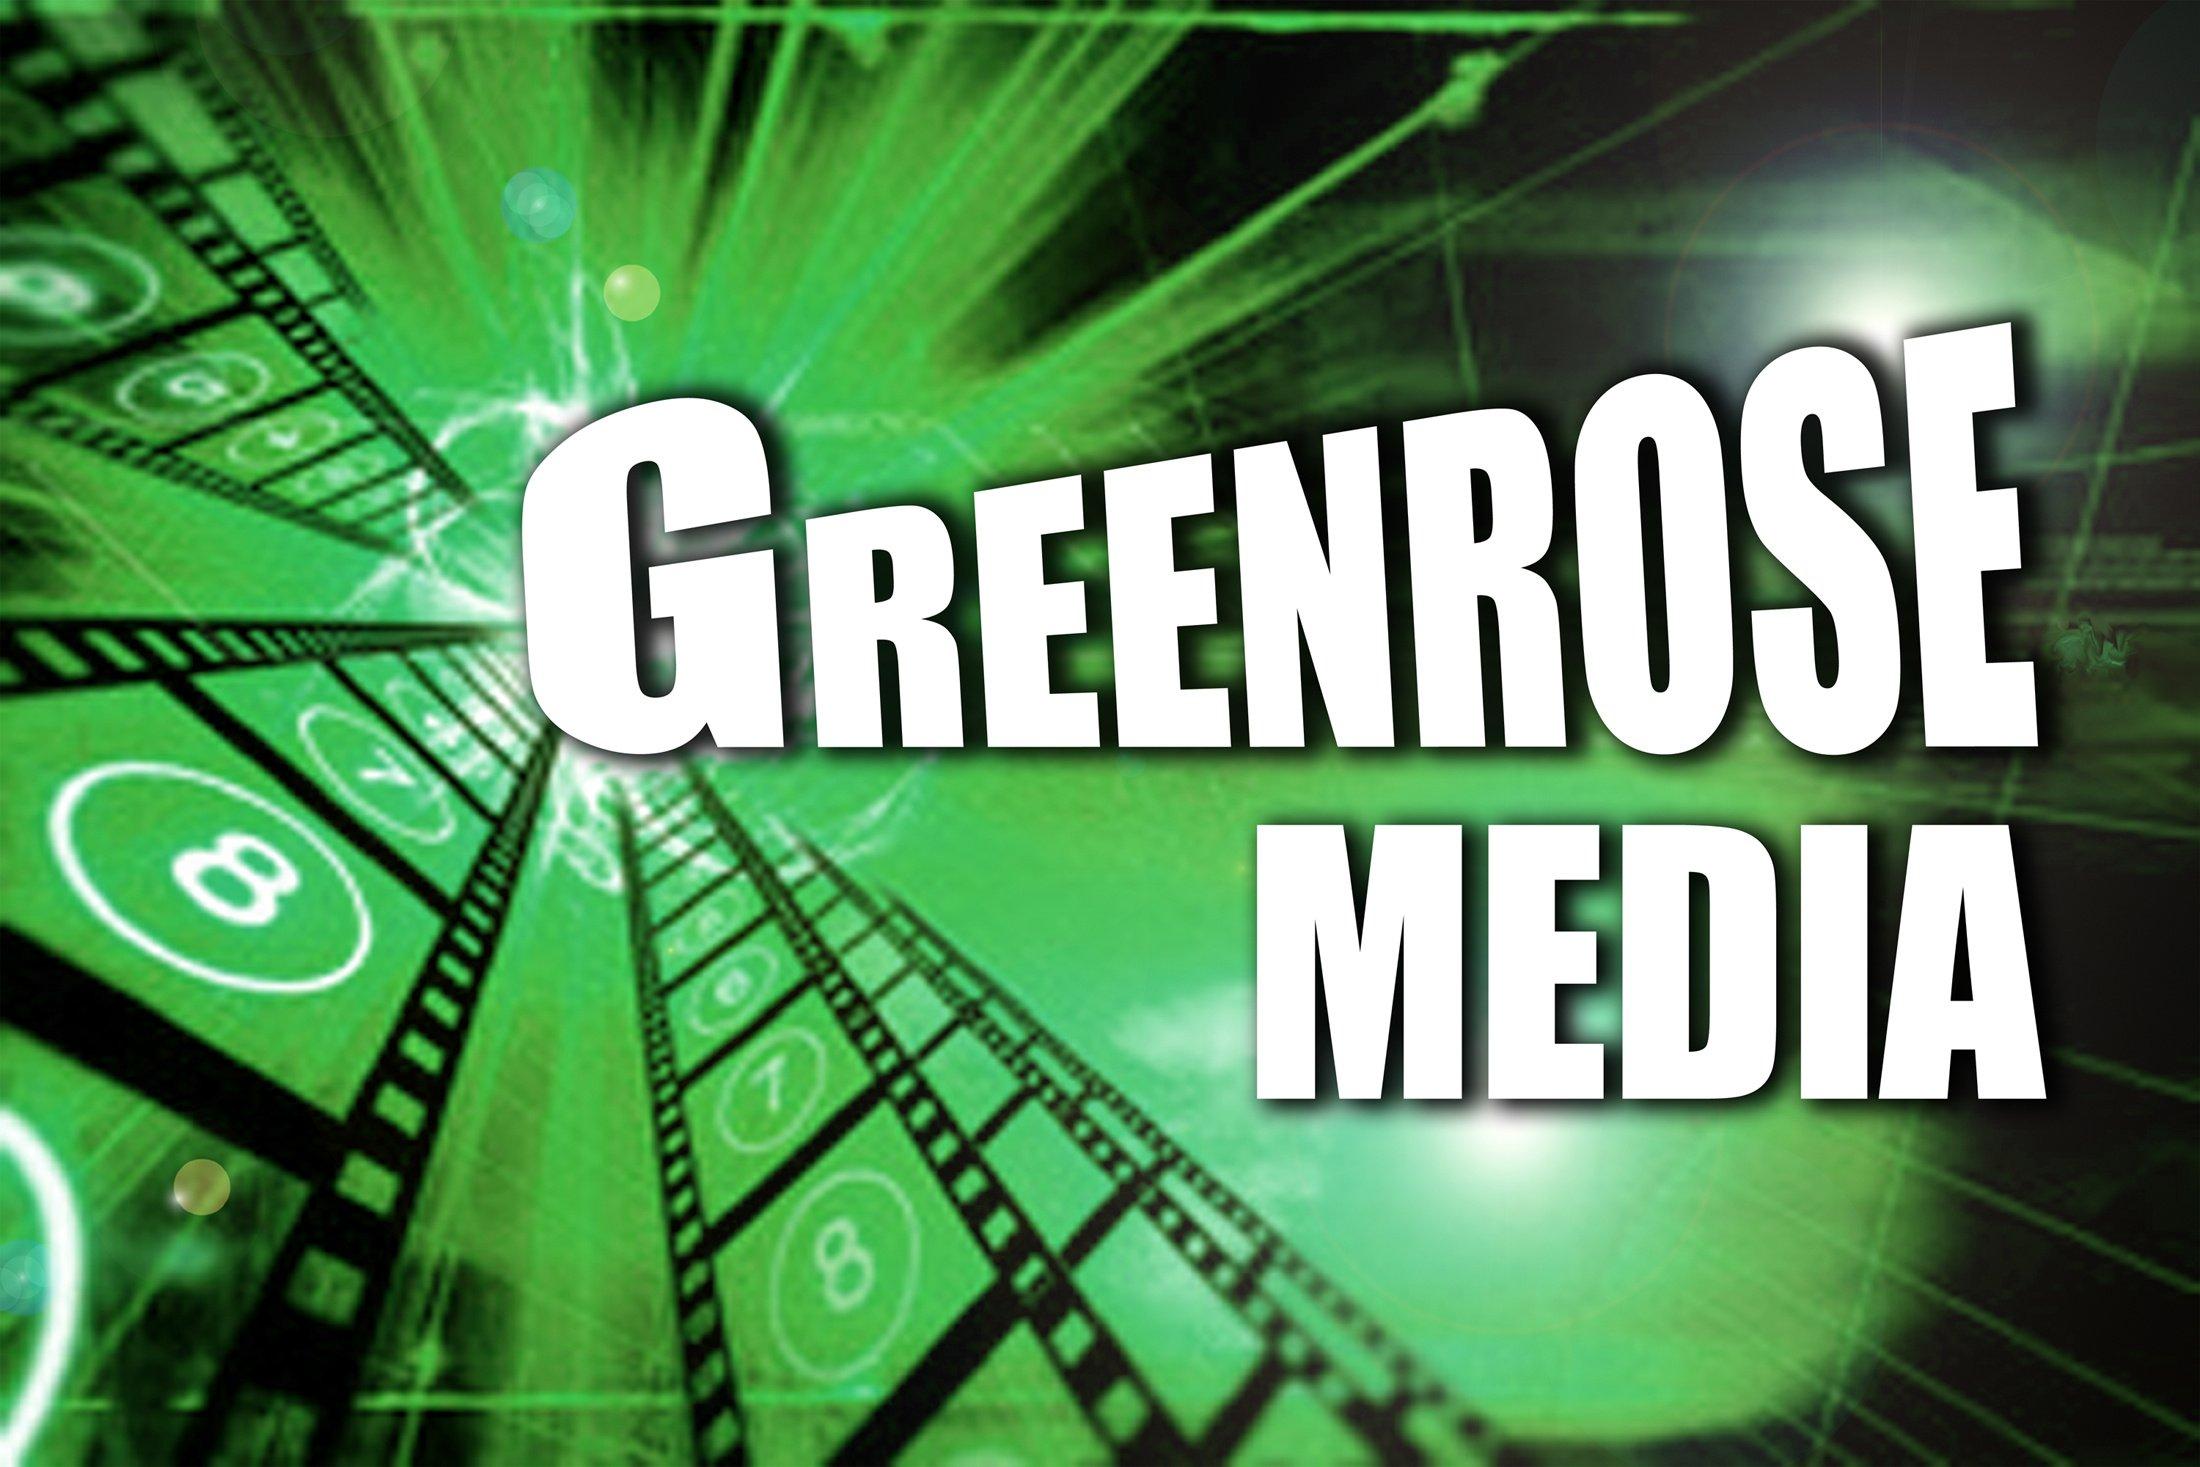 Greenrose Media